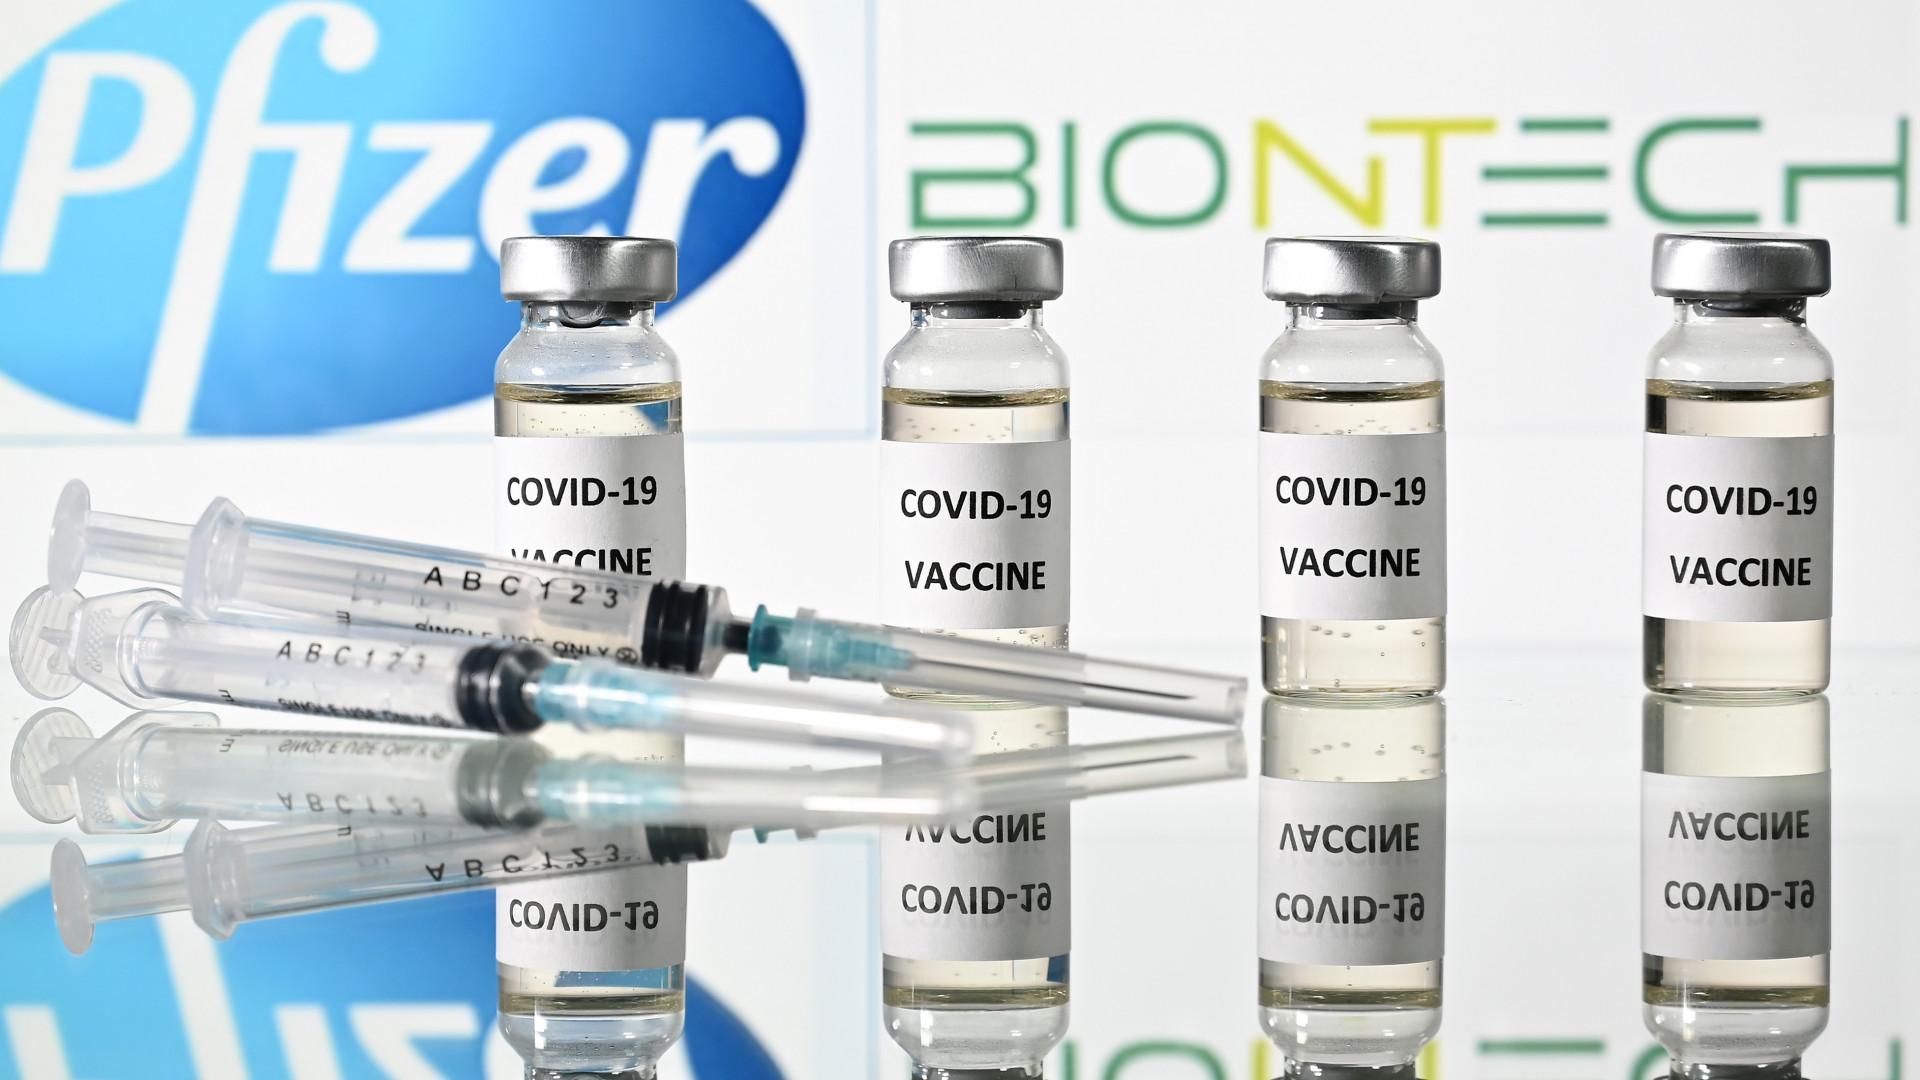 Pfizer ratifica que su vacuna contra el covid-19 es segura y ahora buscará la aprobación para su uso de emergencia